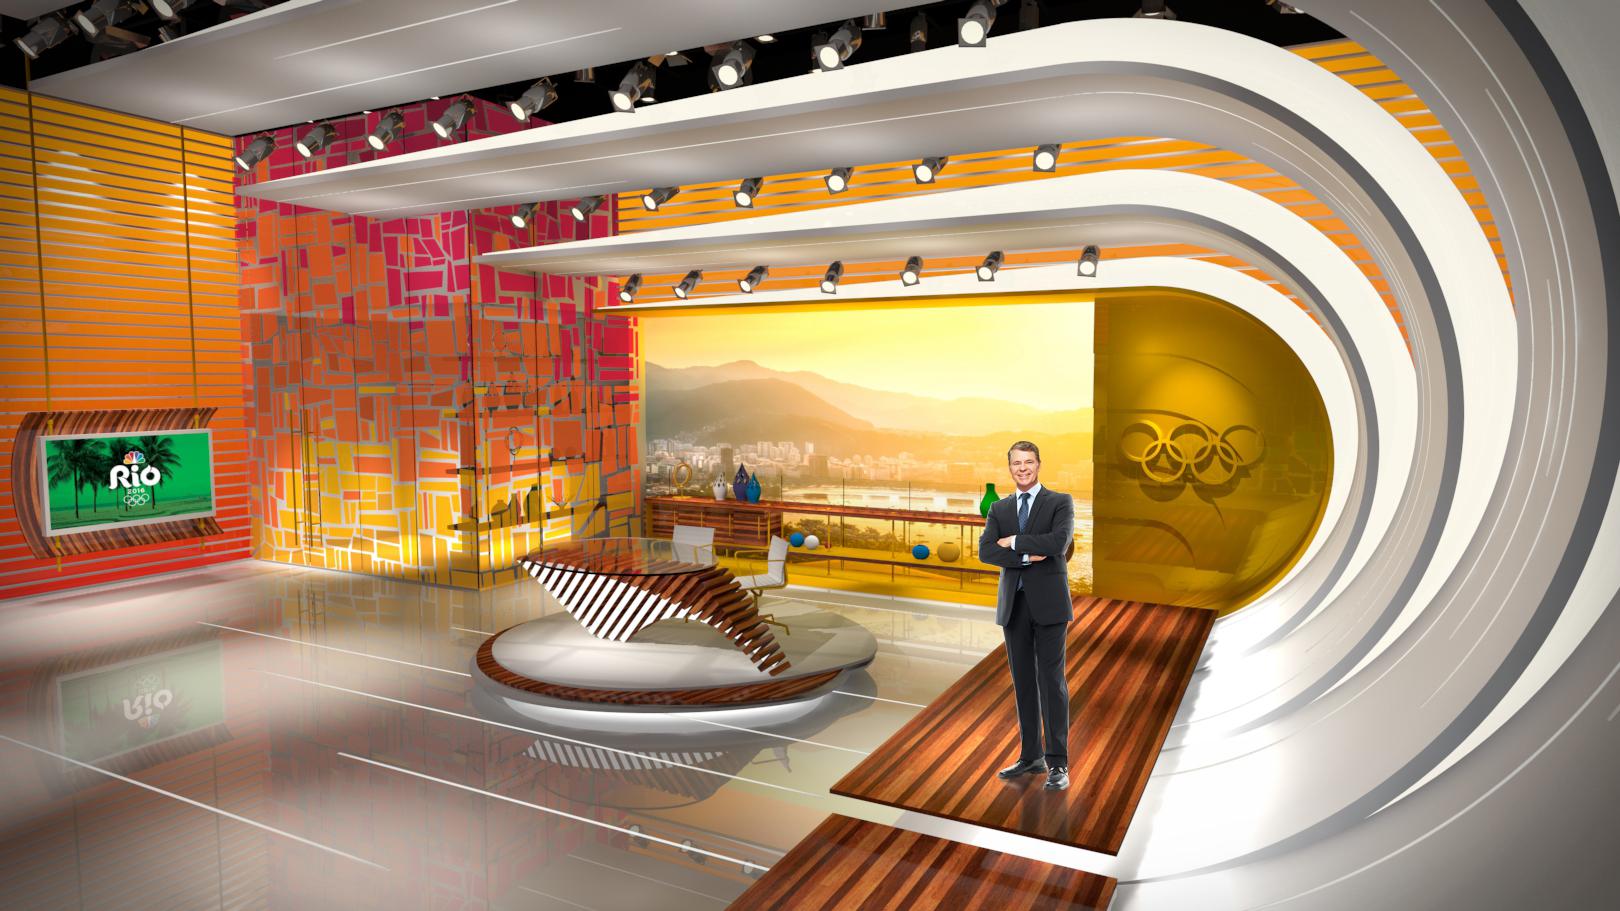 ncs_NBC-Olympics-Studio-Rio_0025